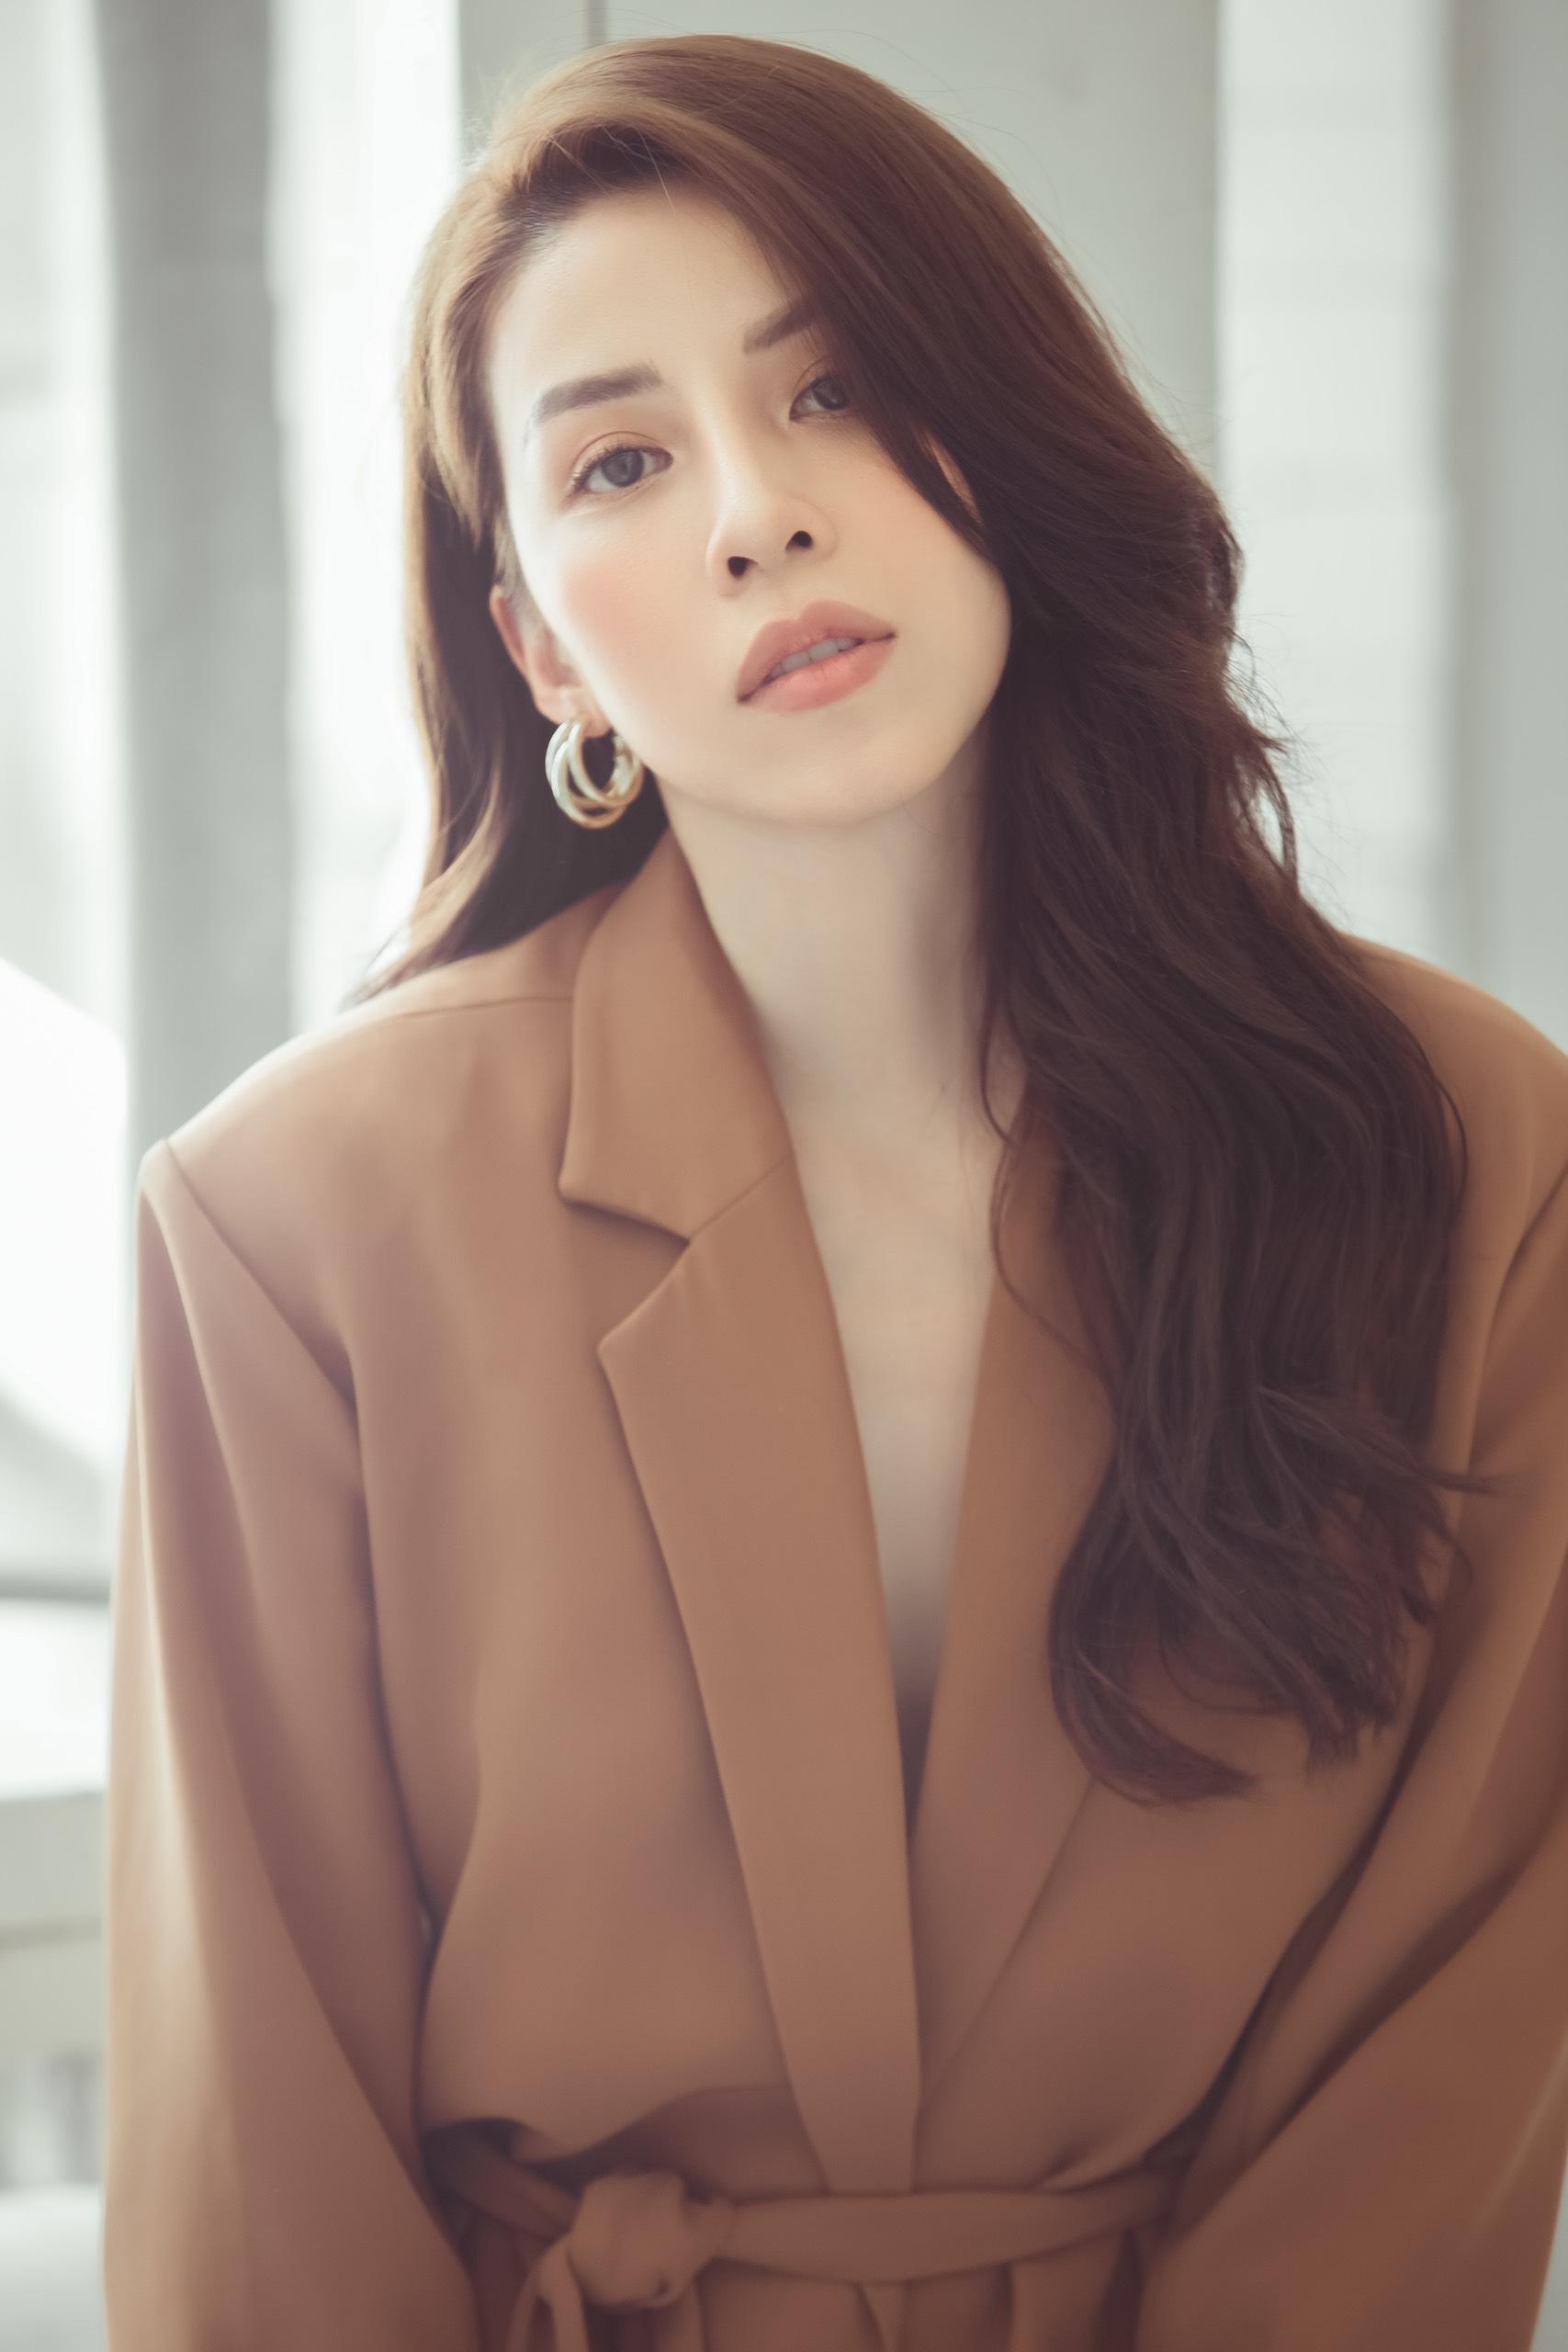 """Nữ diễn viên bị chỉ trích """"xấu nhất showbiz Việt"""" gây """"choáng"""" với nhan sắc thật - 7"""